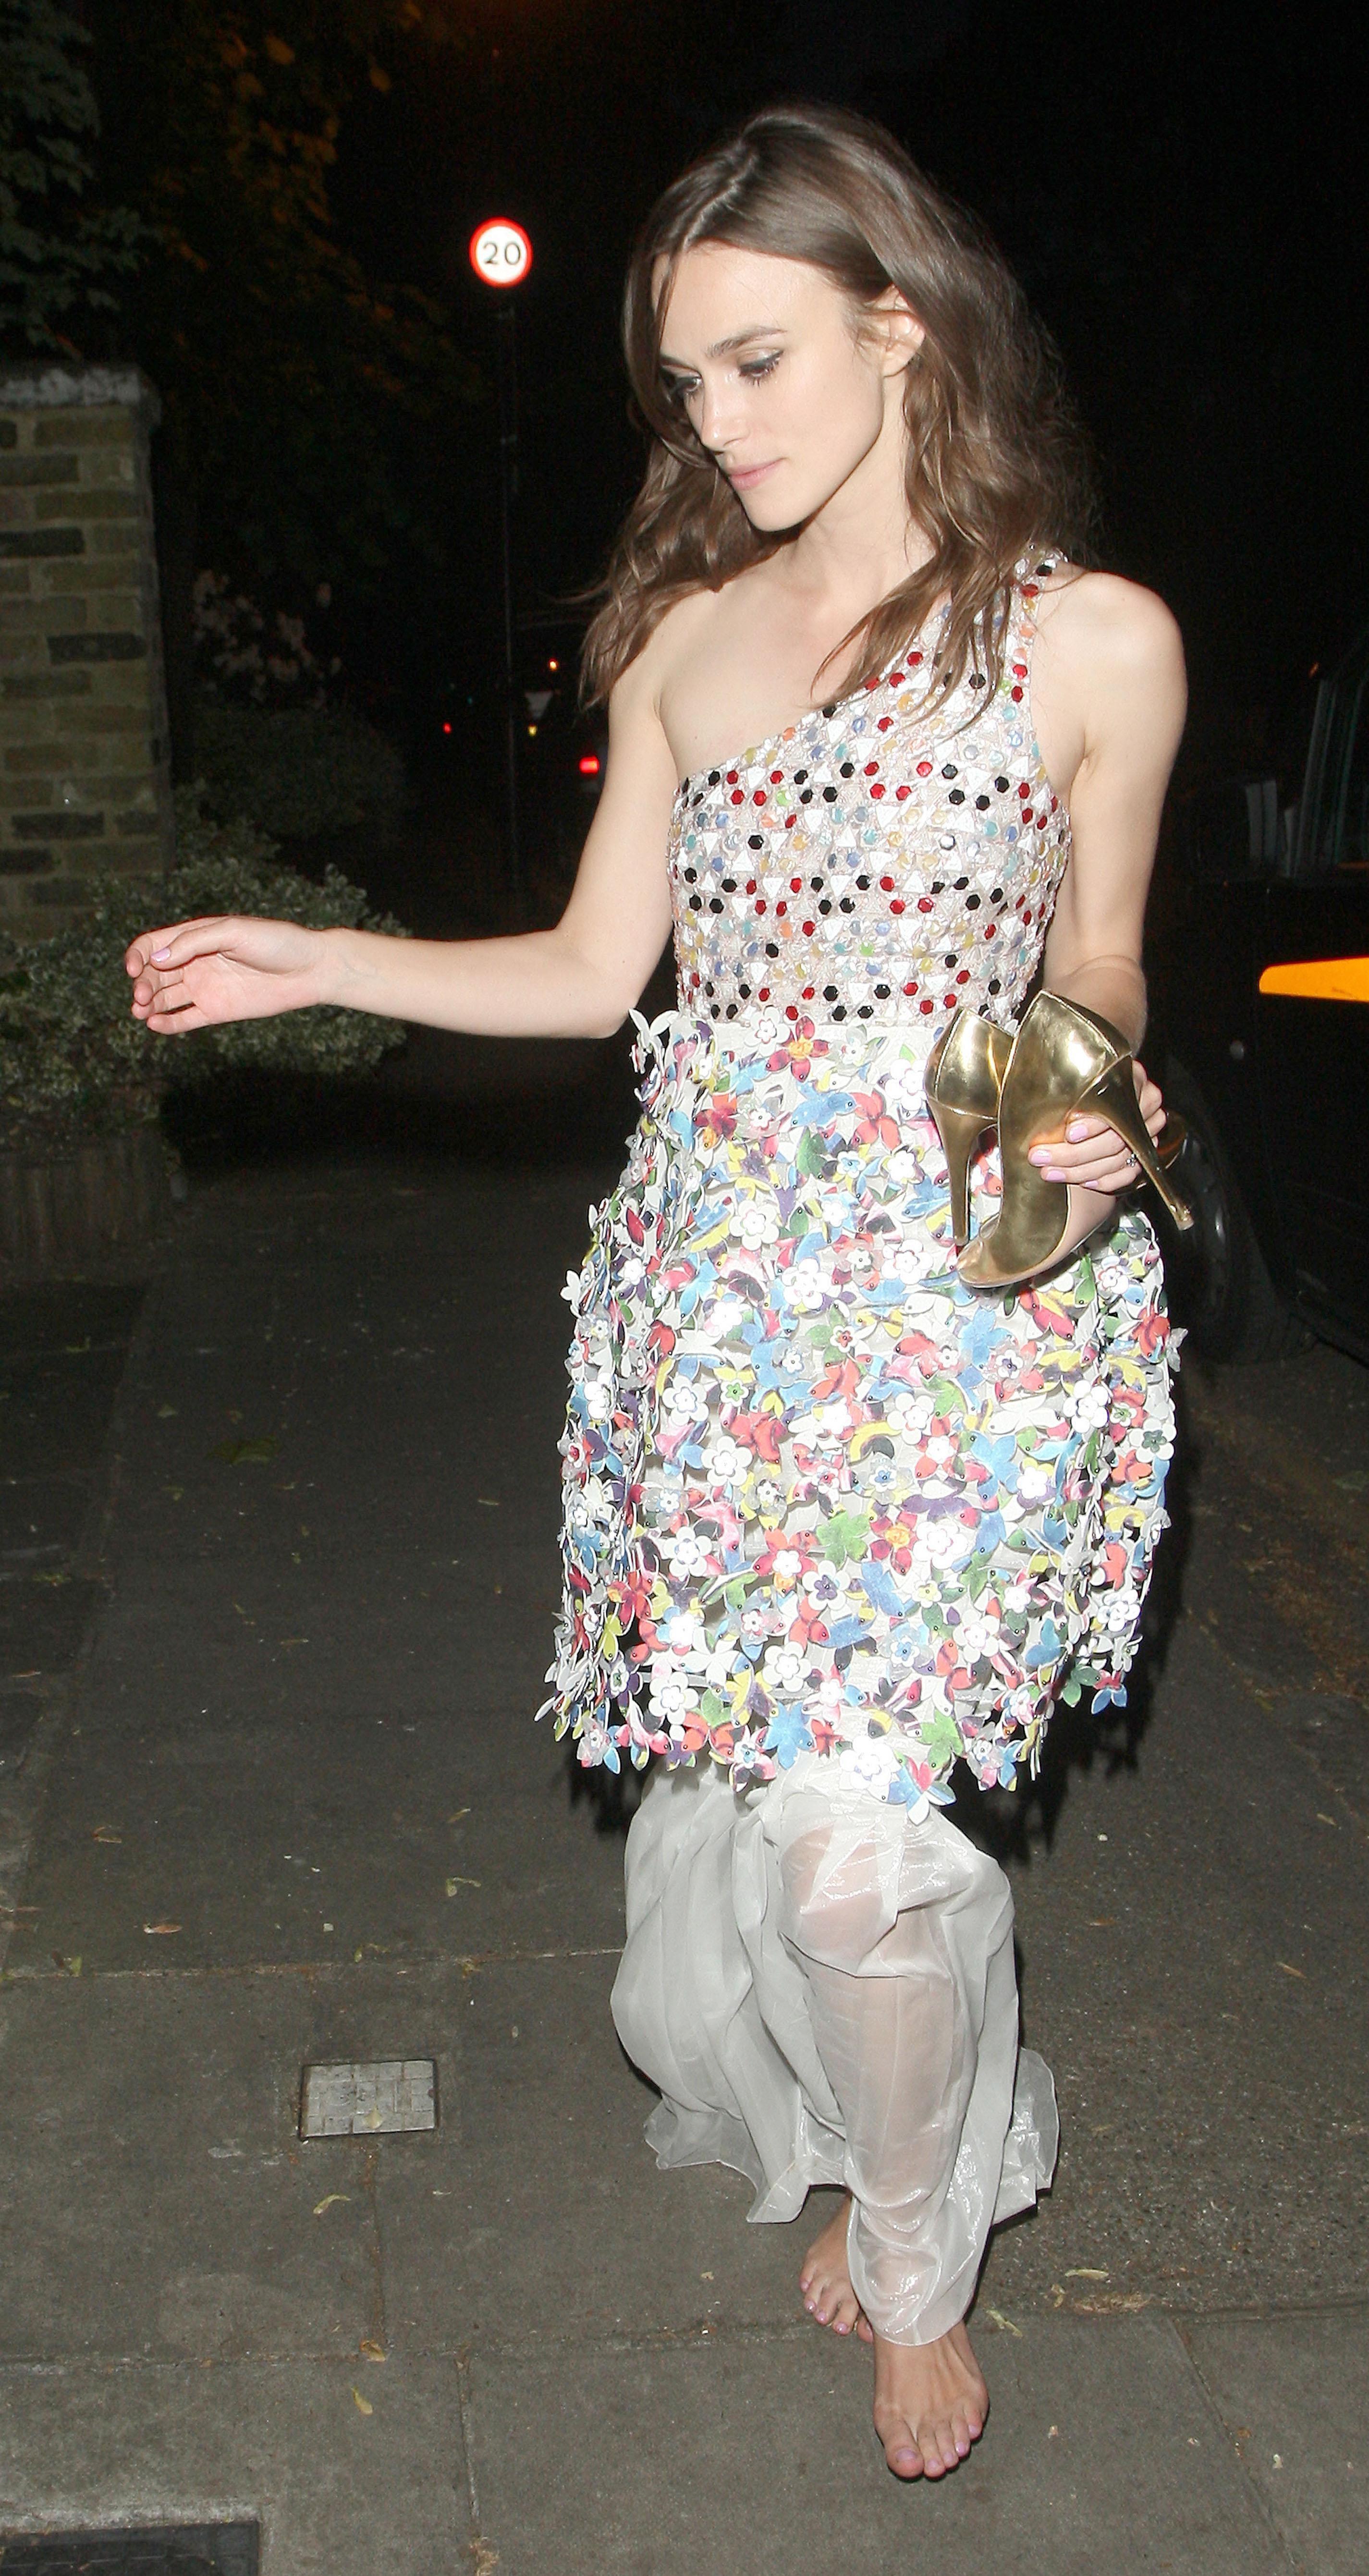 http://pics.wikifeet.com/Keira-Knightley-Feet-1385678.jpg